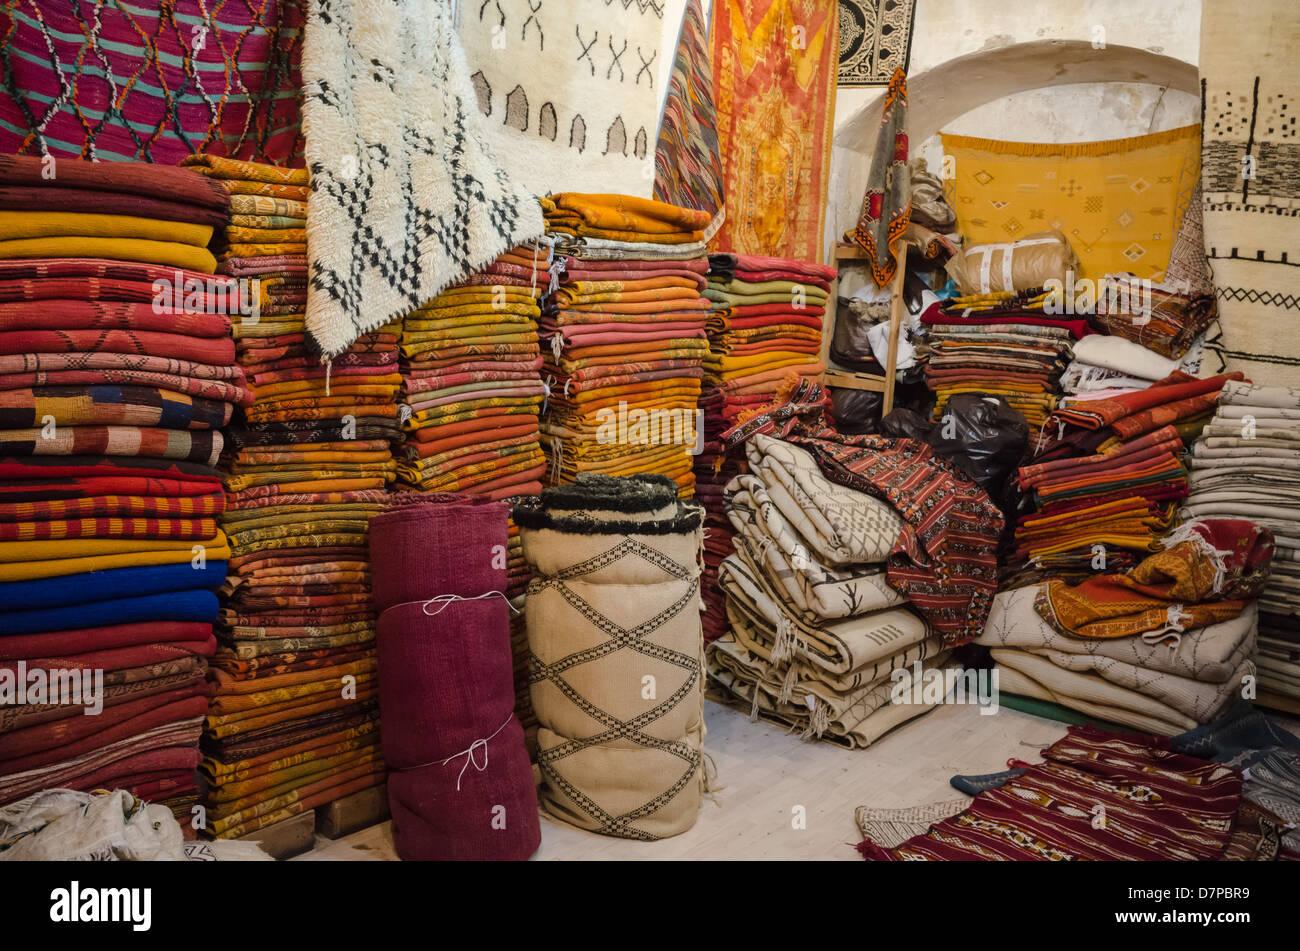 Tappeti Kilim Antichi : Il marocco marrakech tappeti kilim antichi tappeti e getta in